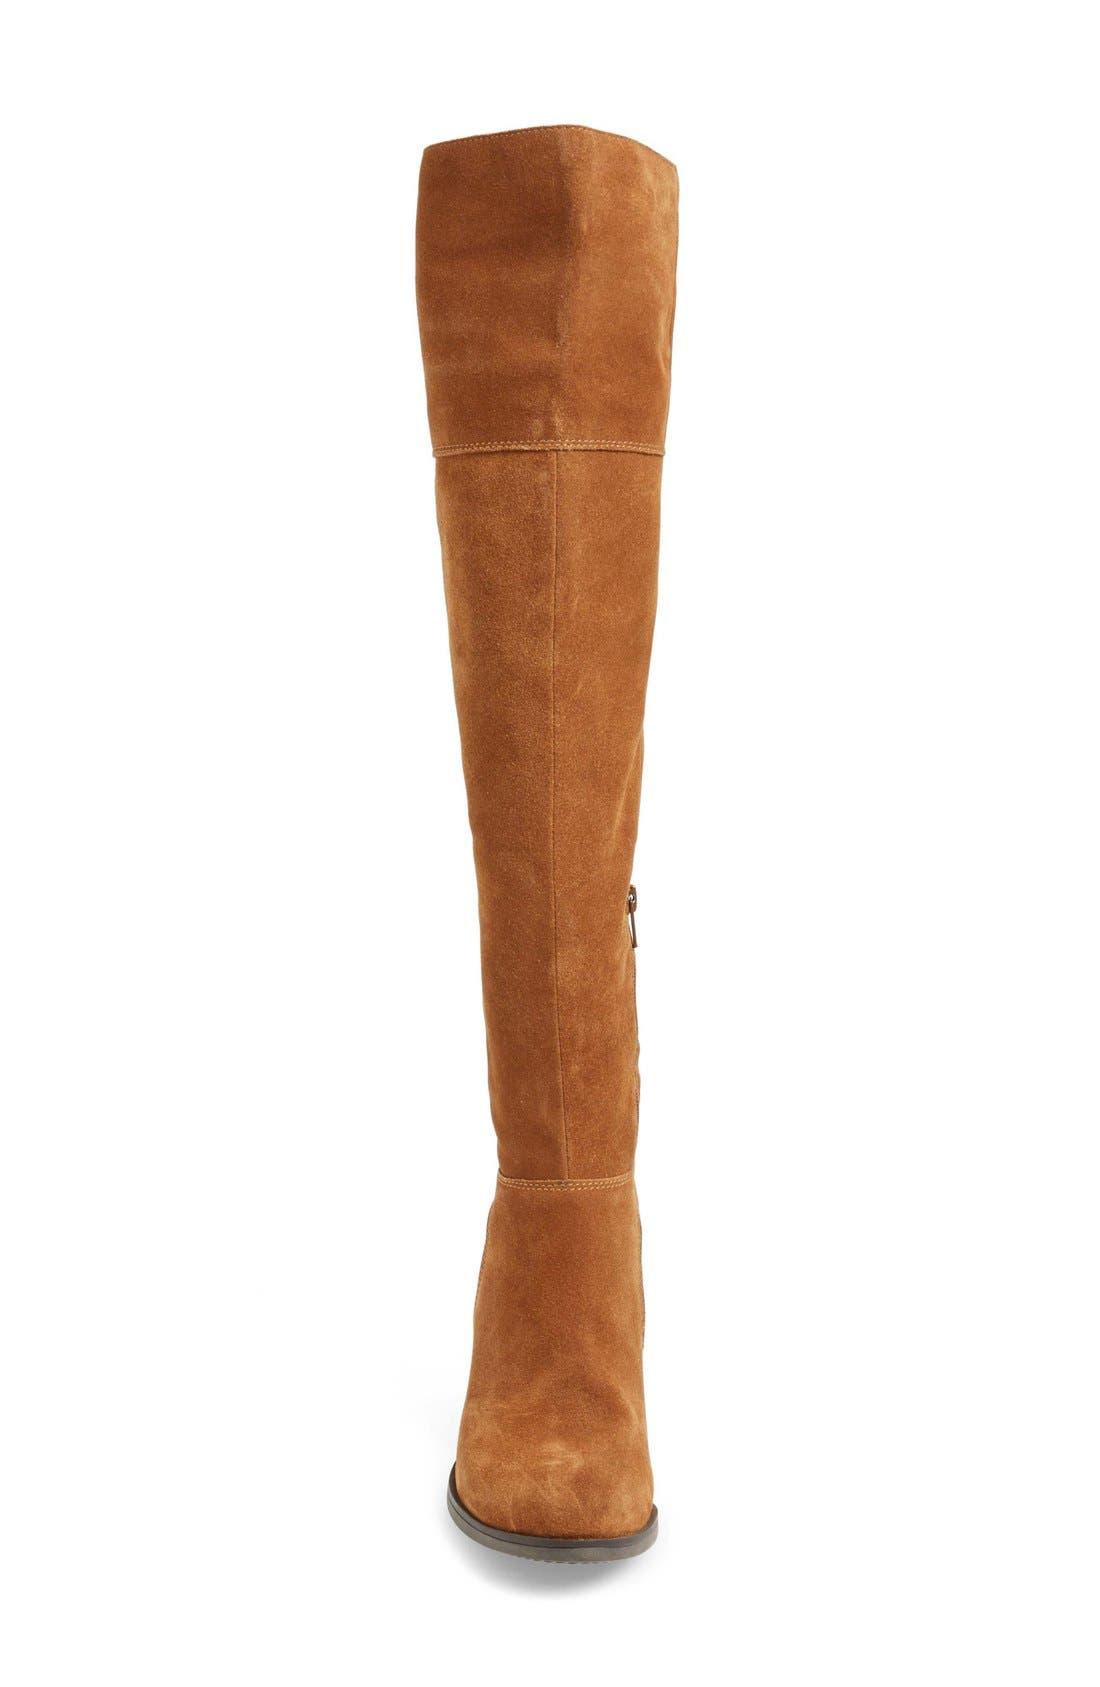 Alternate Image 3  - Steve Madden 'Orabela' Knee High Boot (Women)